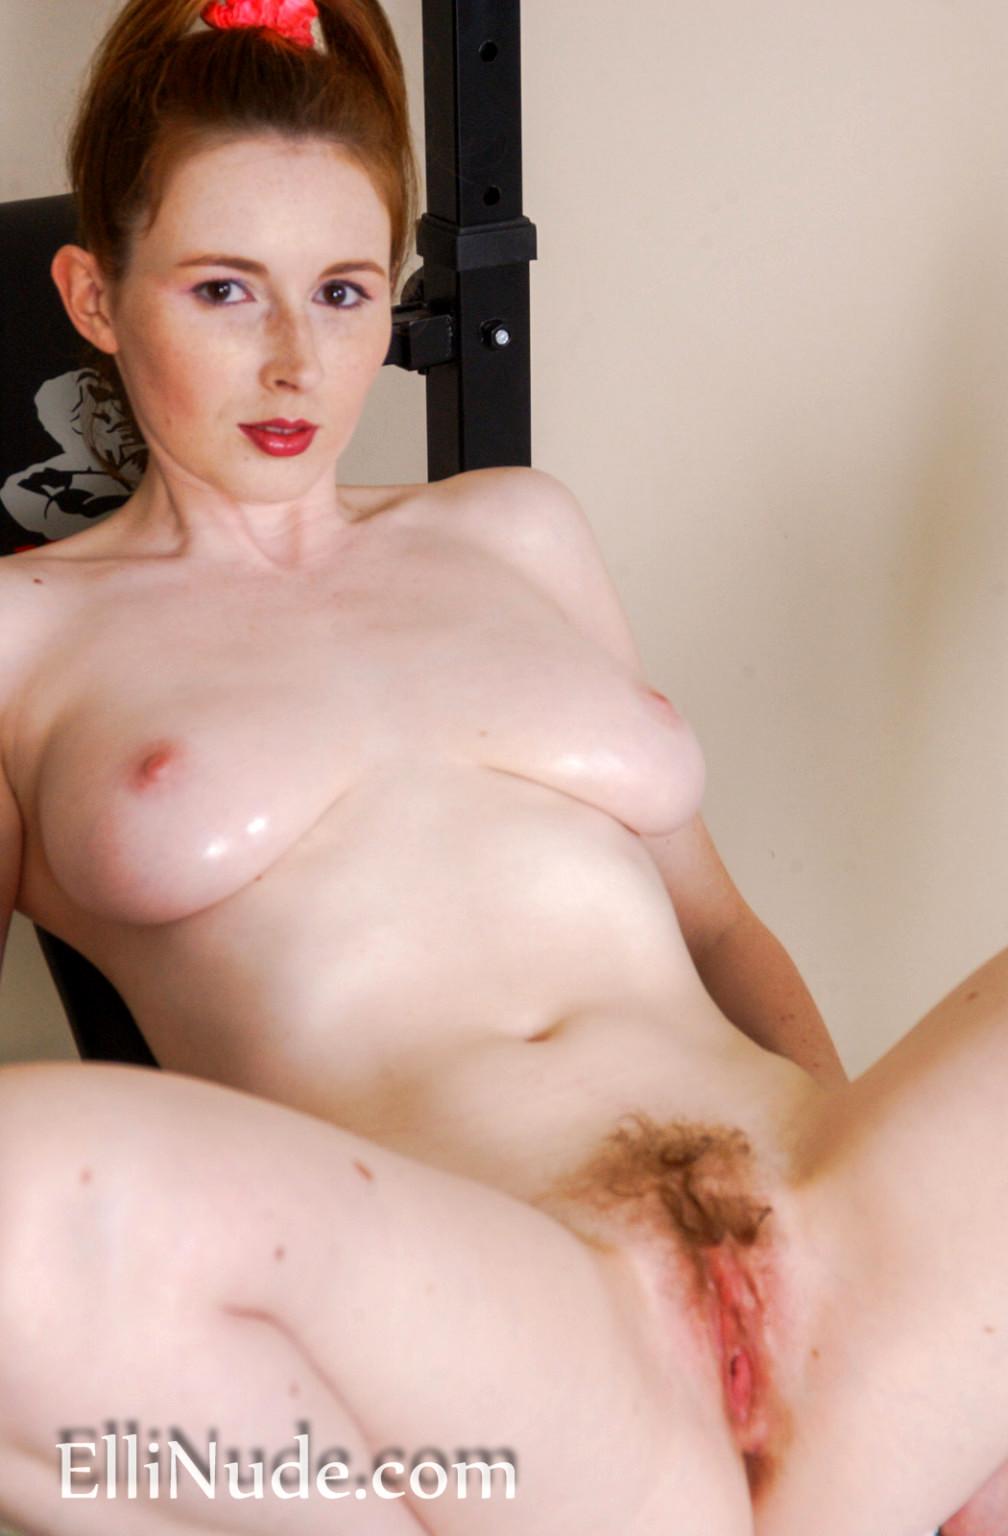 Elli nude porn